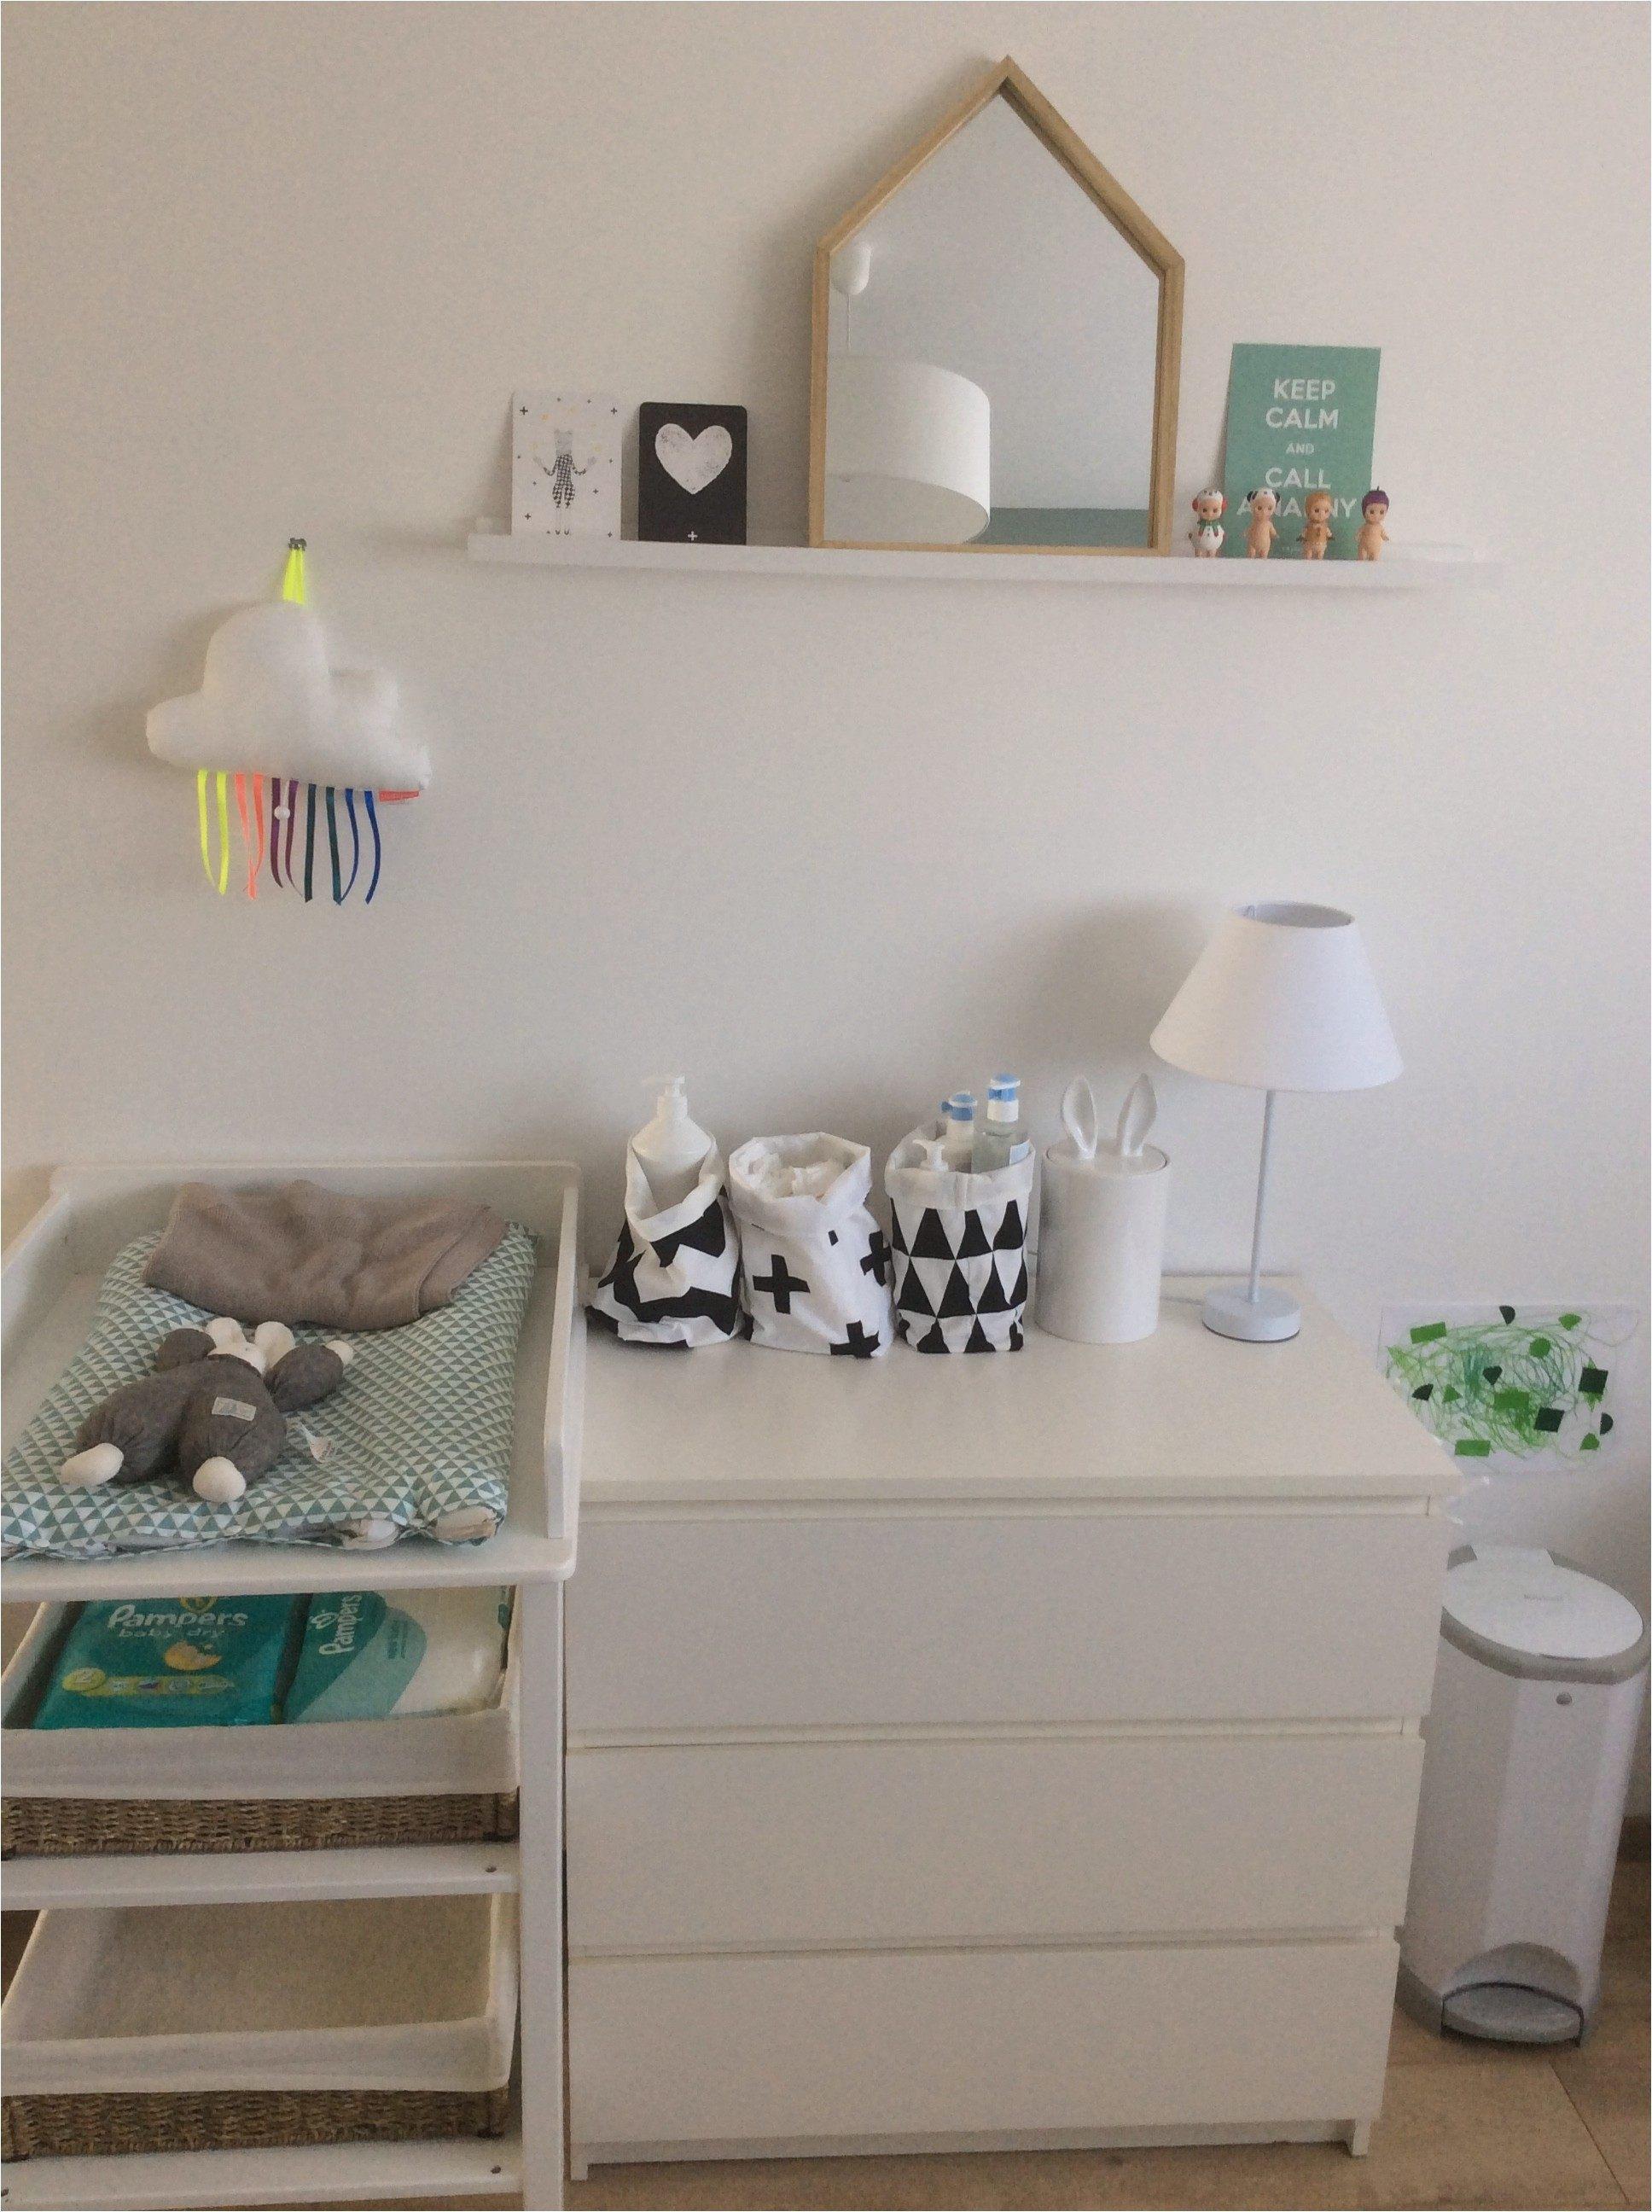 Lit Pour Bébé De Luxe Baignoire Pliante Bébé Beautiful Lit Bebe Luxe 36 Ikea Best De Avec